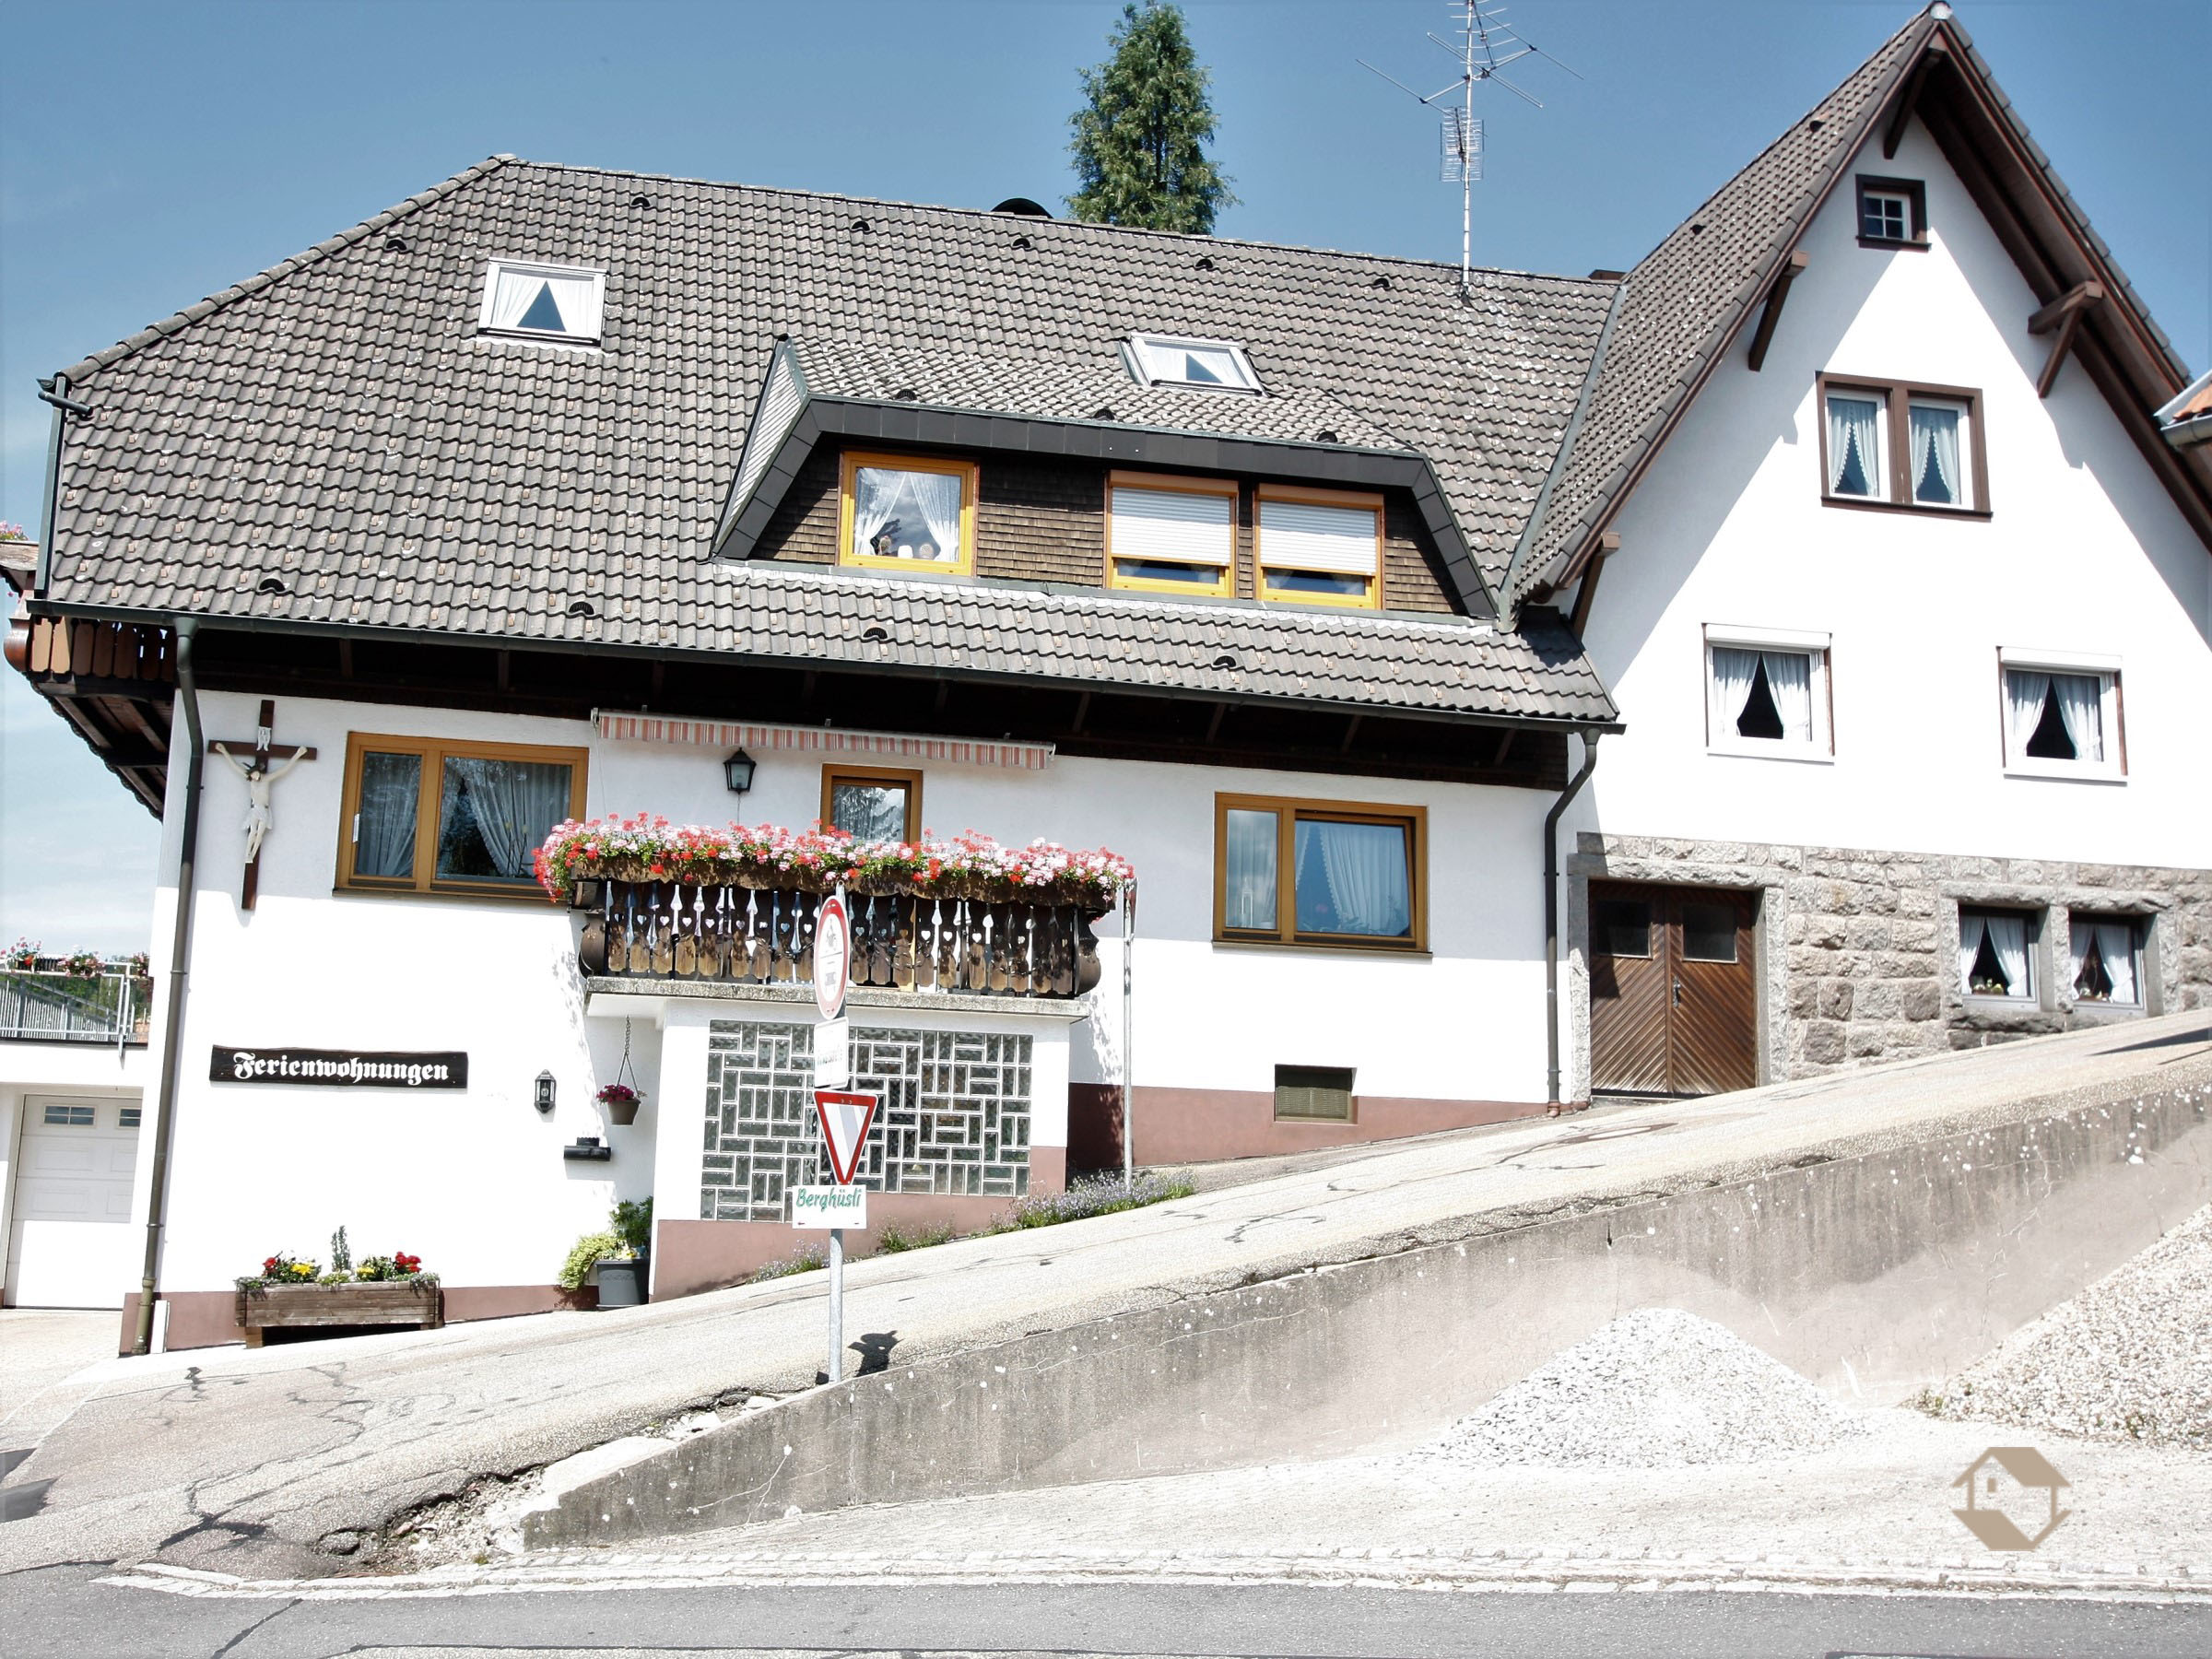 Holiday apartment Beyermann, (Schonach). Ferienwohnung 1, 70qm, 2 Wohn-/Schlafräume, max. 5 Personen (1764474), Schonach, Black Forest, Baden-Württemberg, Germany, picture 3